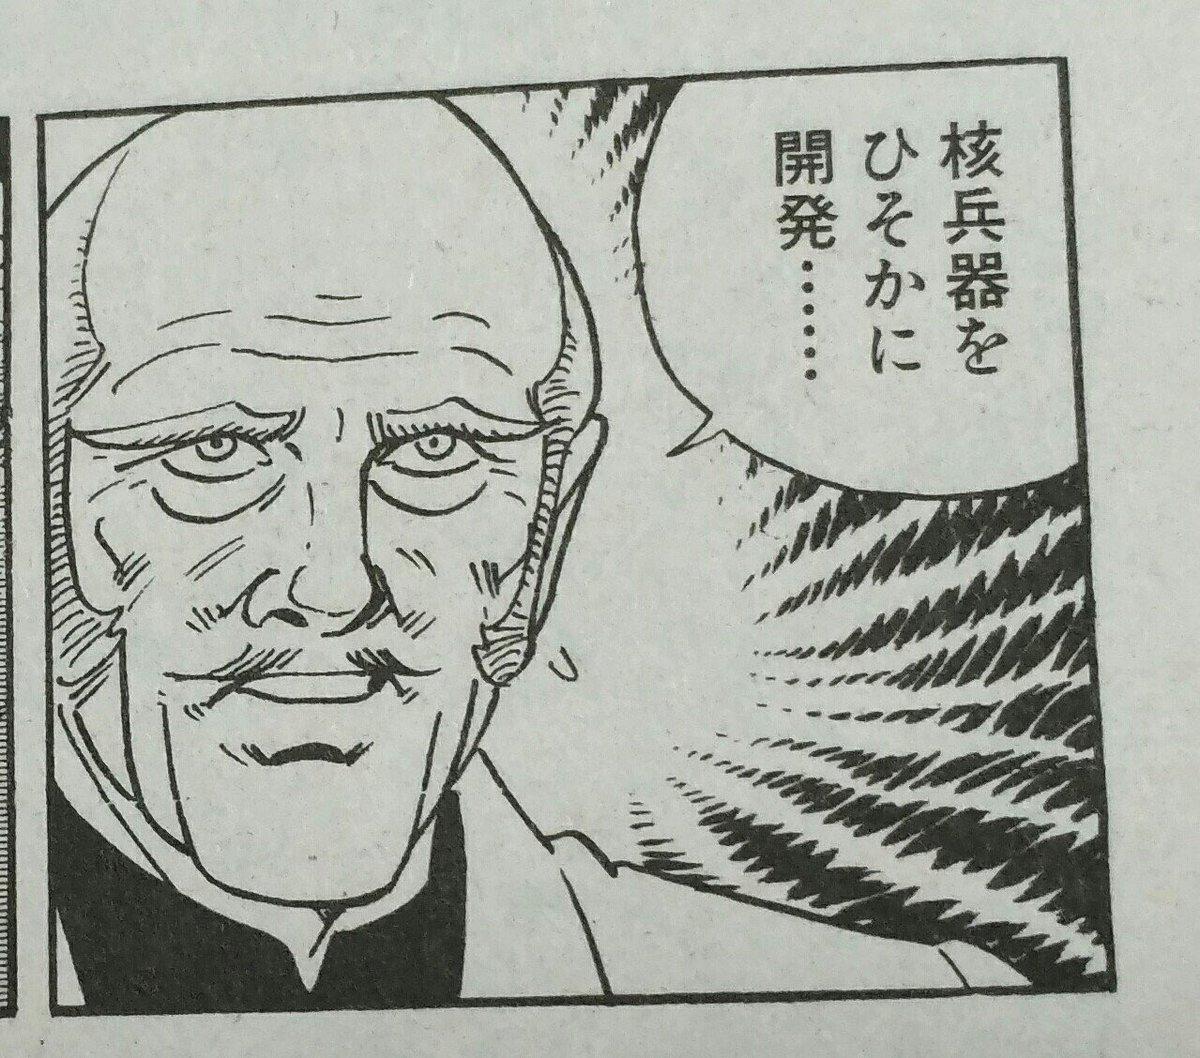 ガルパン最終章は試合中いきなりこういう新キャラがでてきて核兵器発射してほしい